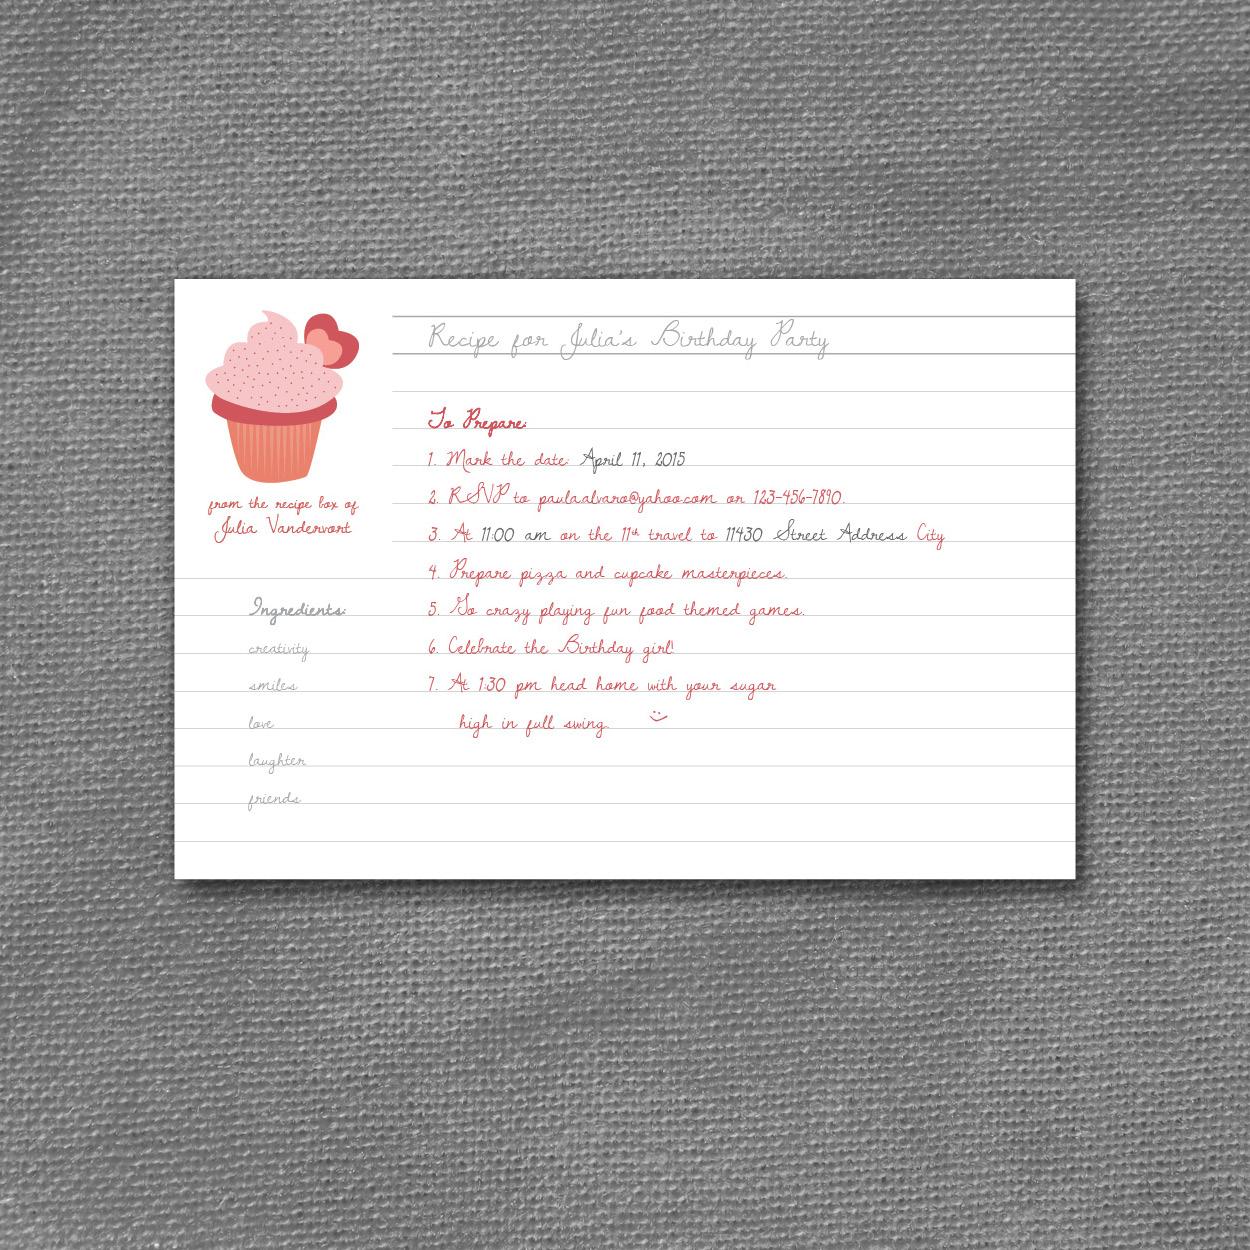 cupcake recipe invitation